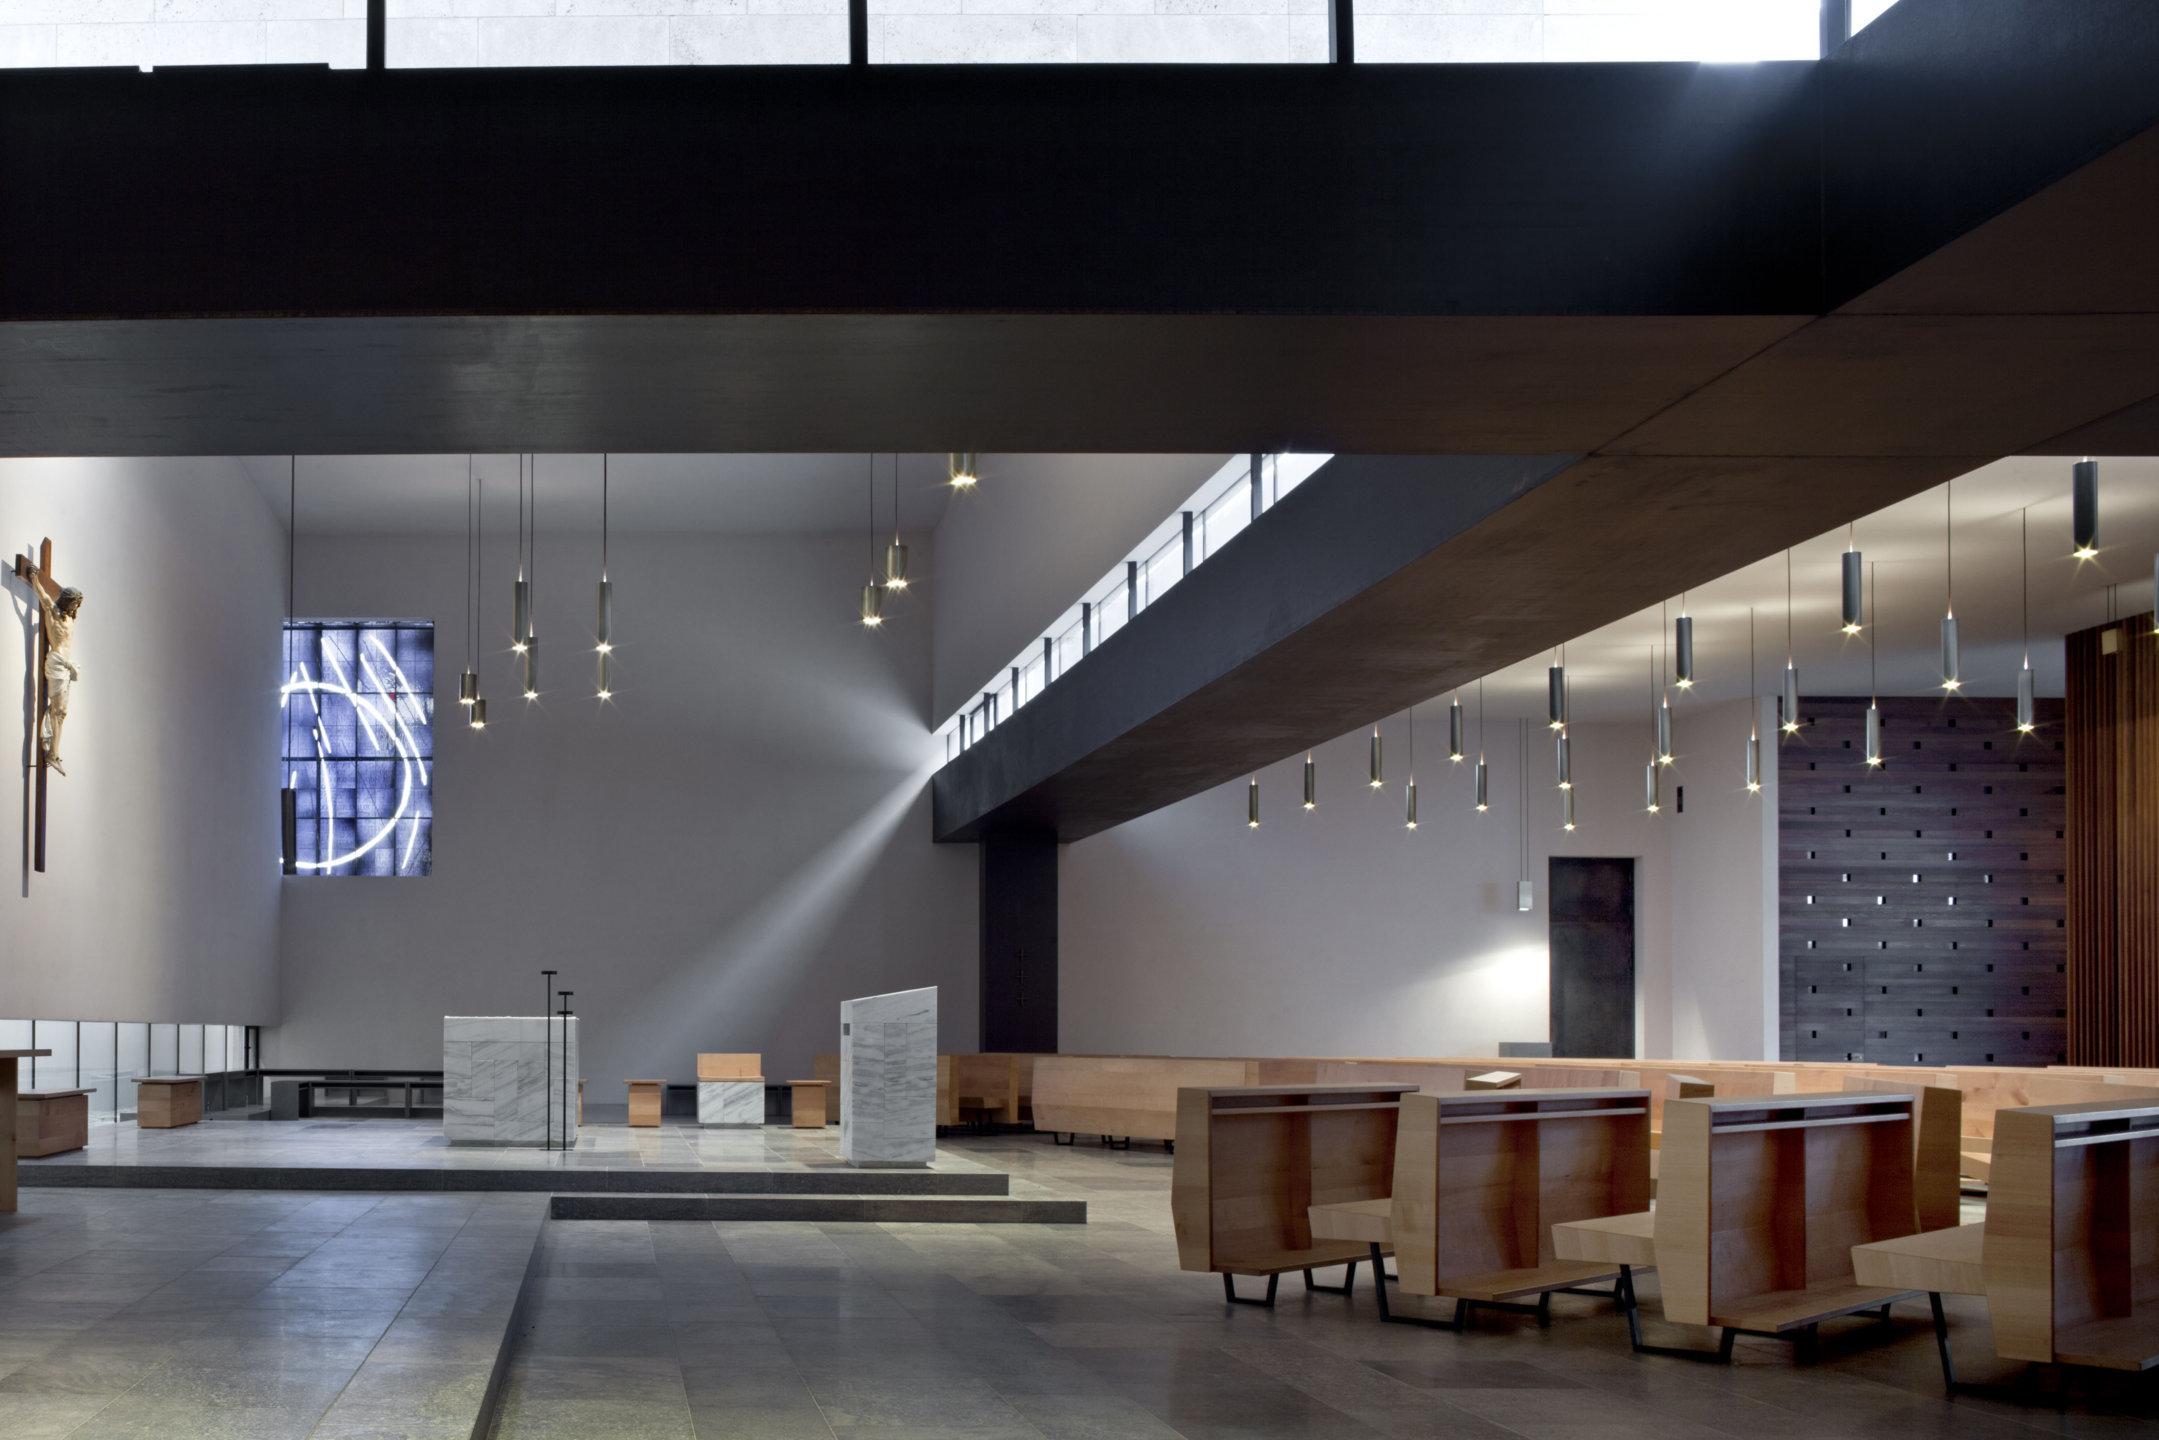 Chiesa di Madre Teresa di Calcutta a Bolzano. Progetto Siegfried Delug. (foto ORCH_chemollo)